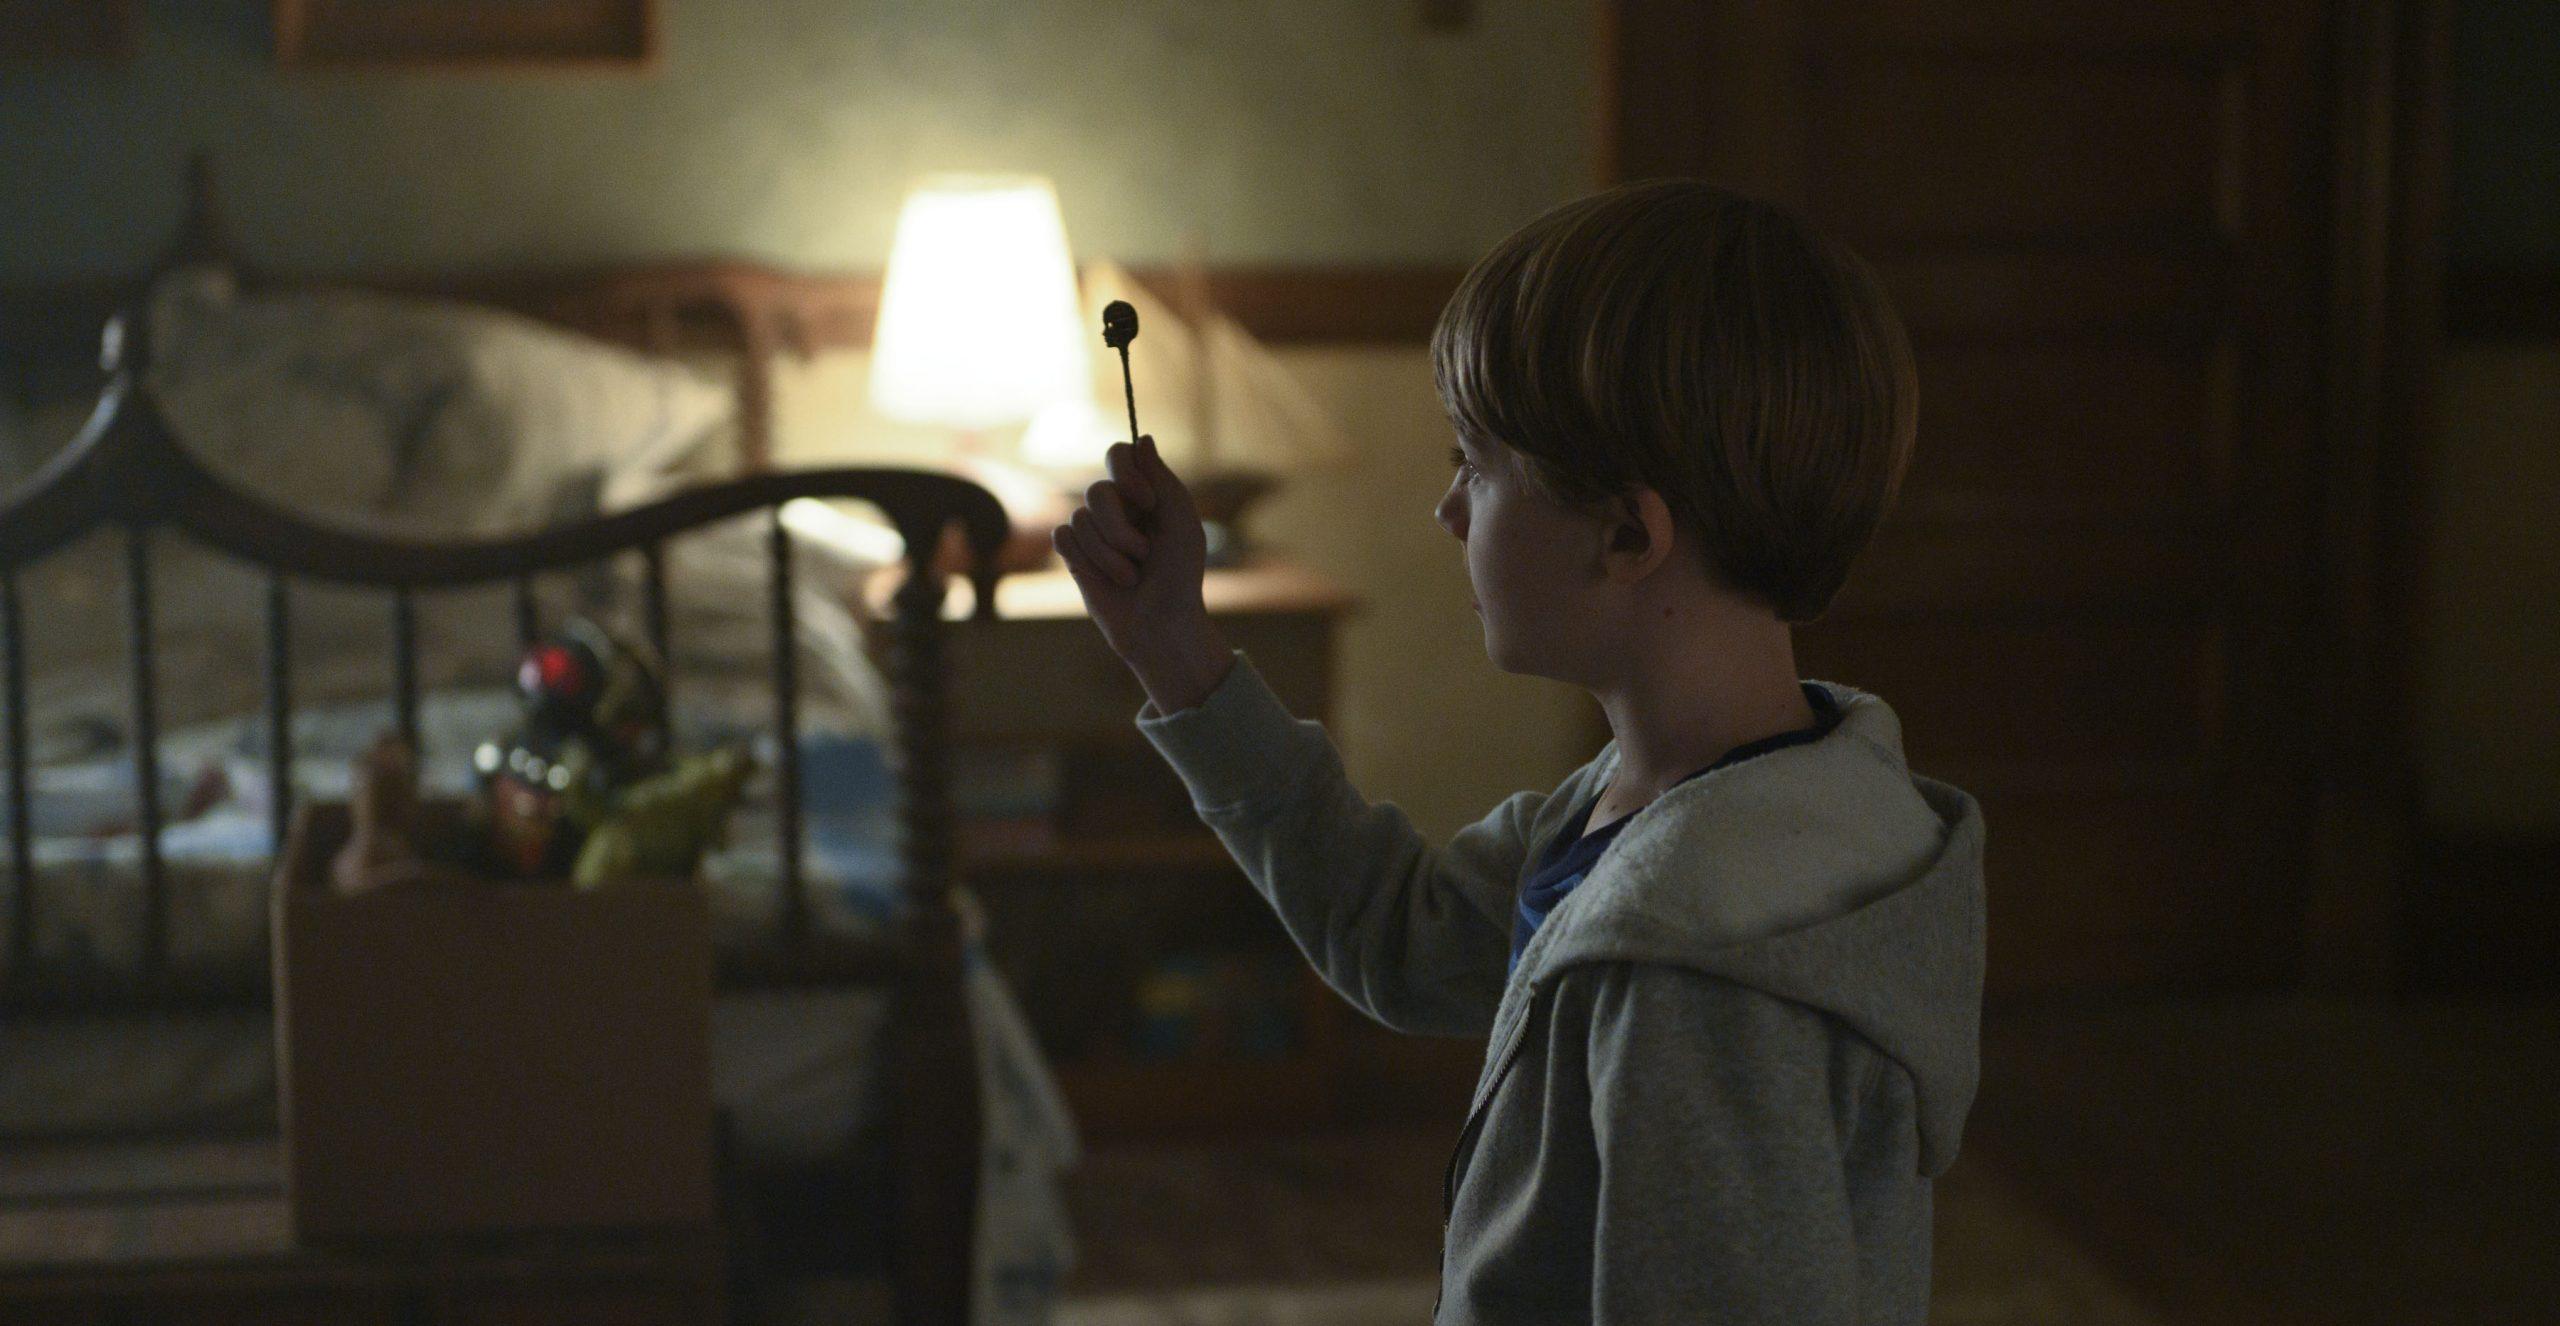 Checa el tráiler de 'Locke & Key', la nueva serie de misterio y fantasía de Netflix